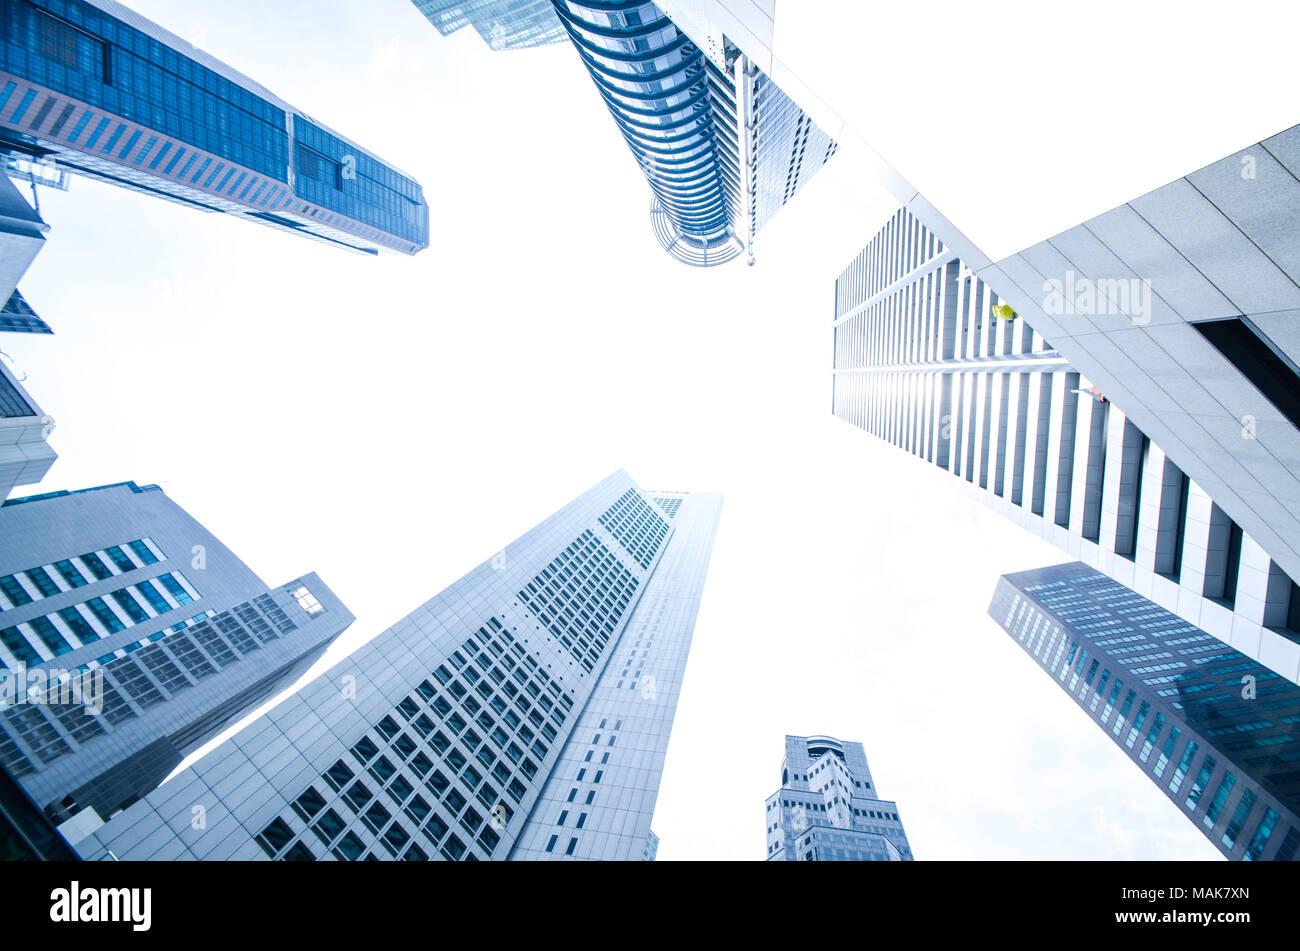 Gratte-ciel moderne des affaires, les bâtiments de grande hauteur, l'architecture sensibilisation pour le ciel, le soleil. Concepts de l'économie, financière, etc. l'avenir Photo Stock